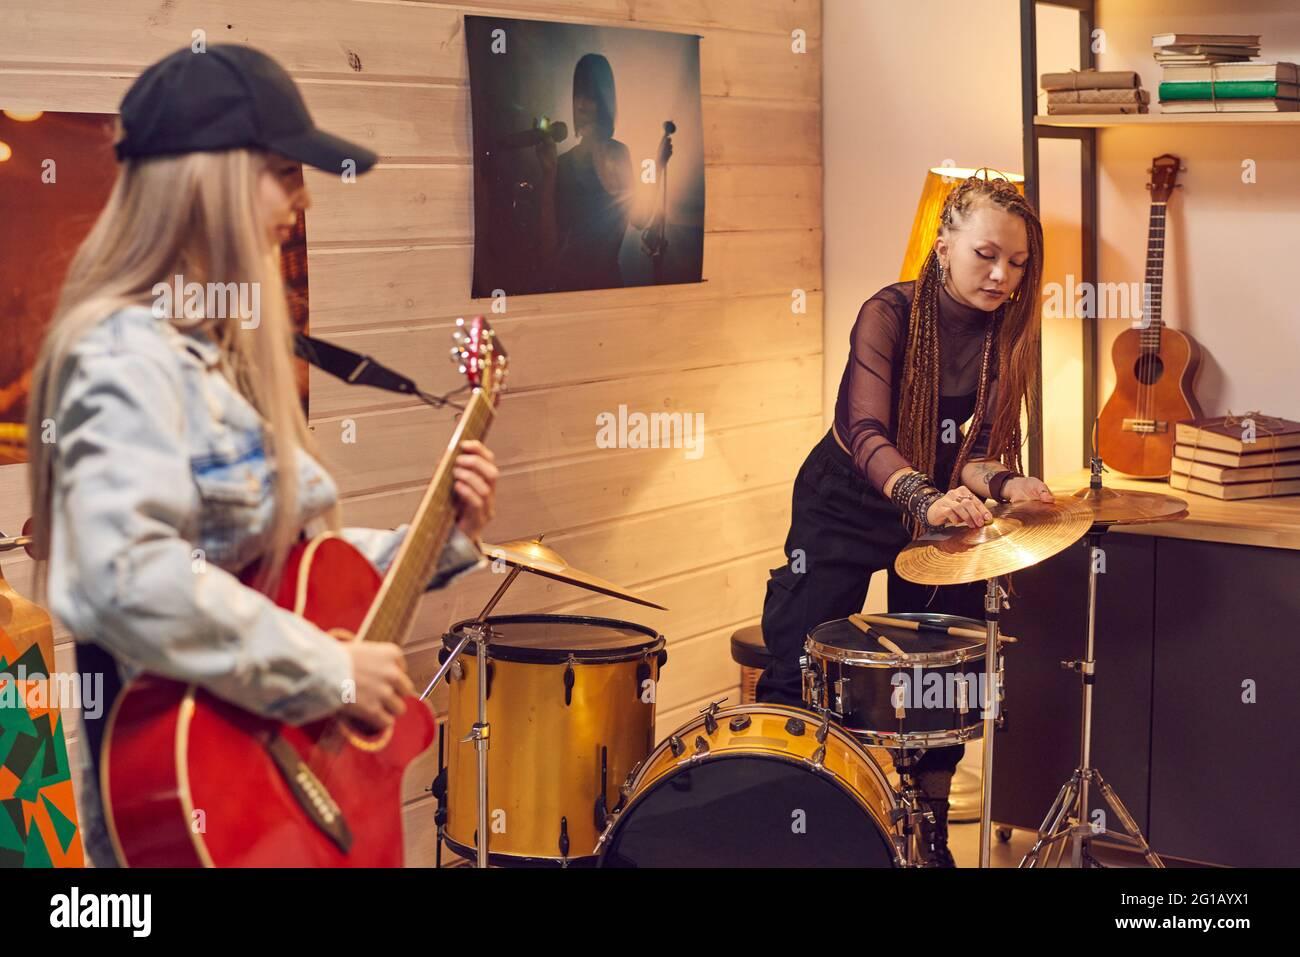 Niñas con instrumentos musicales preparándose para la grabación de música en el estudio Foto de stock